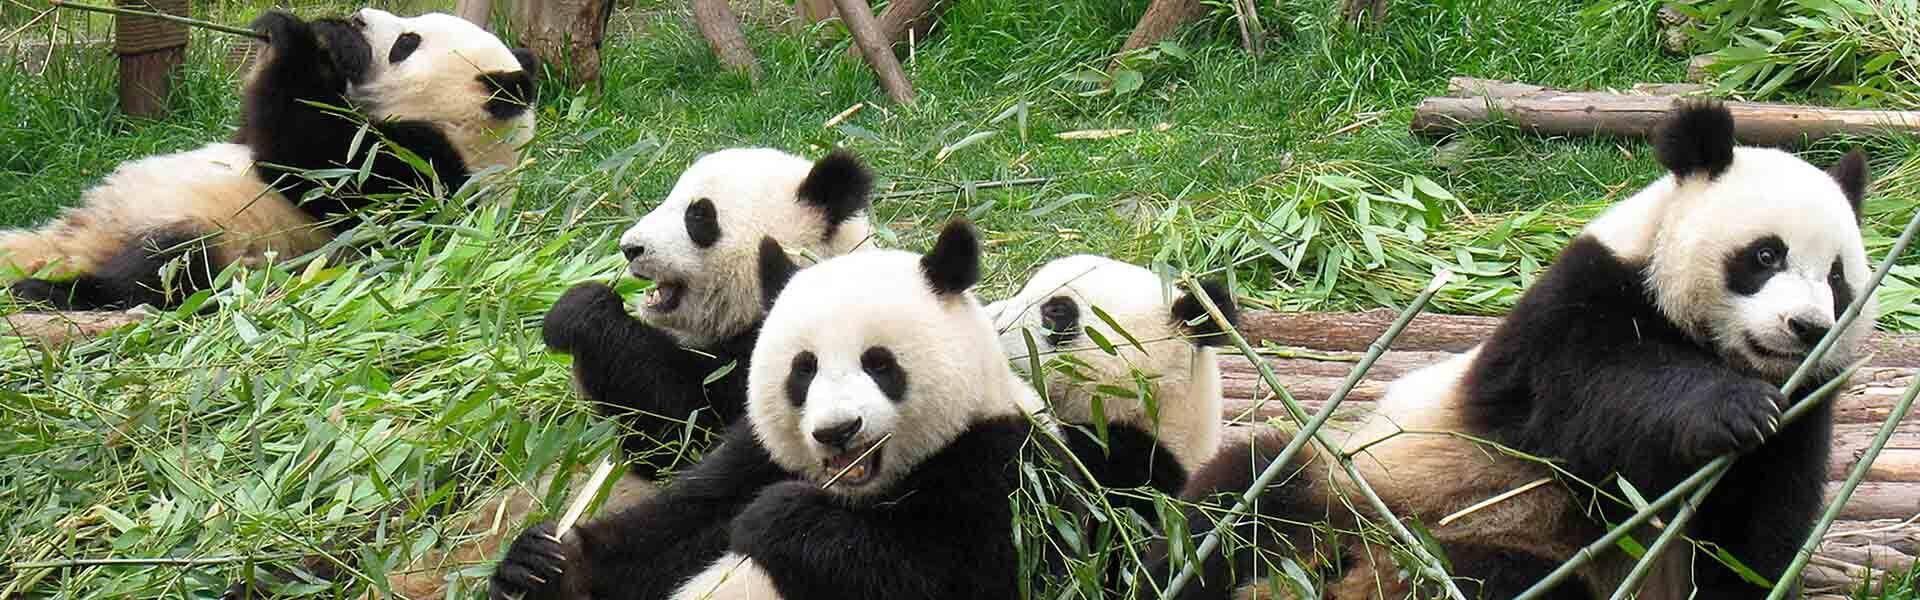 China Panda Tours